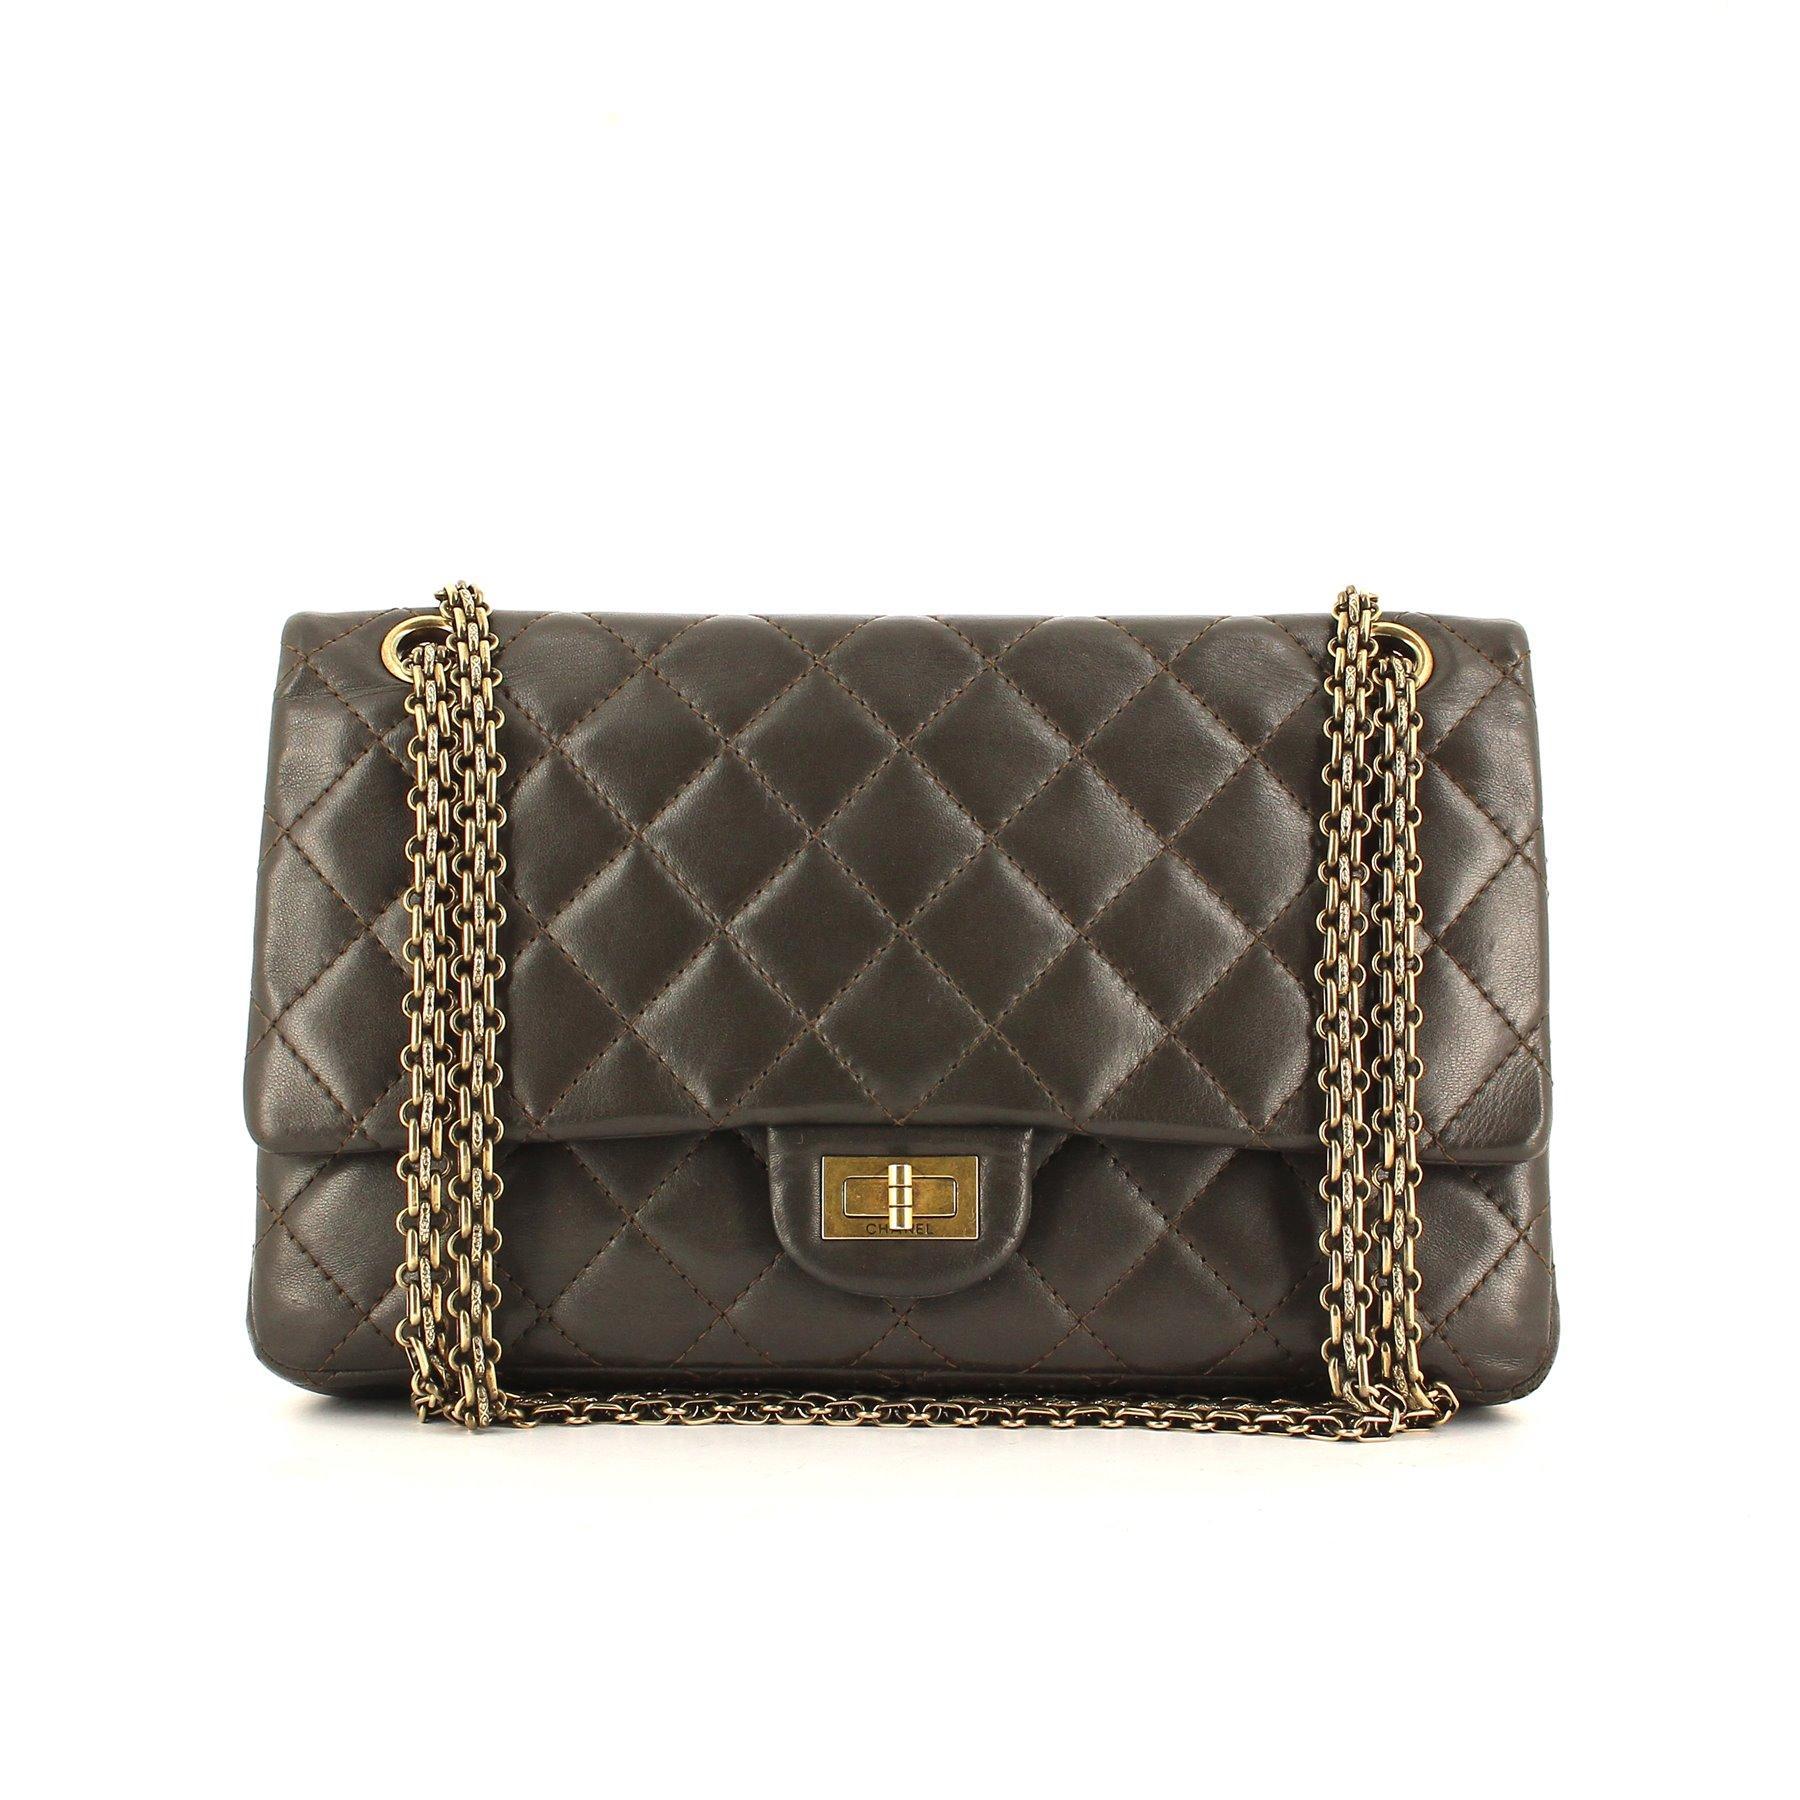 a92292dabd Le sac 2.55 : les secrets de Coco Chanel à portée de main de toutes ...